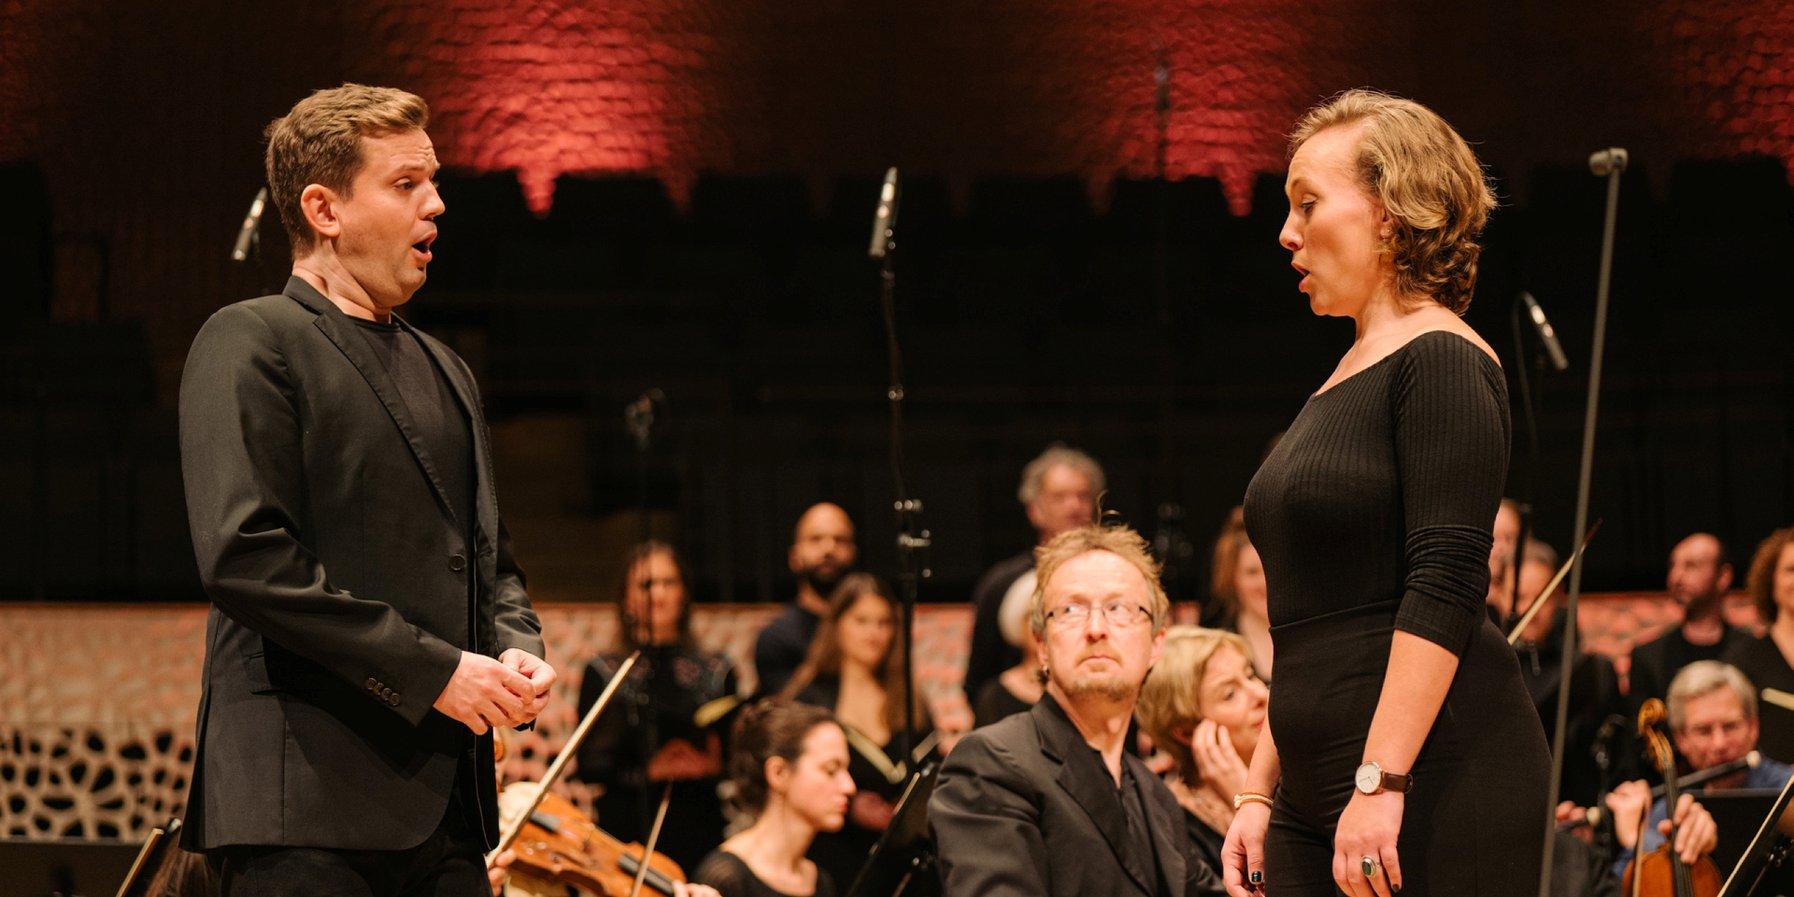 Solisten des Balthasar-Neumann-Chores